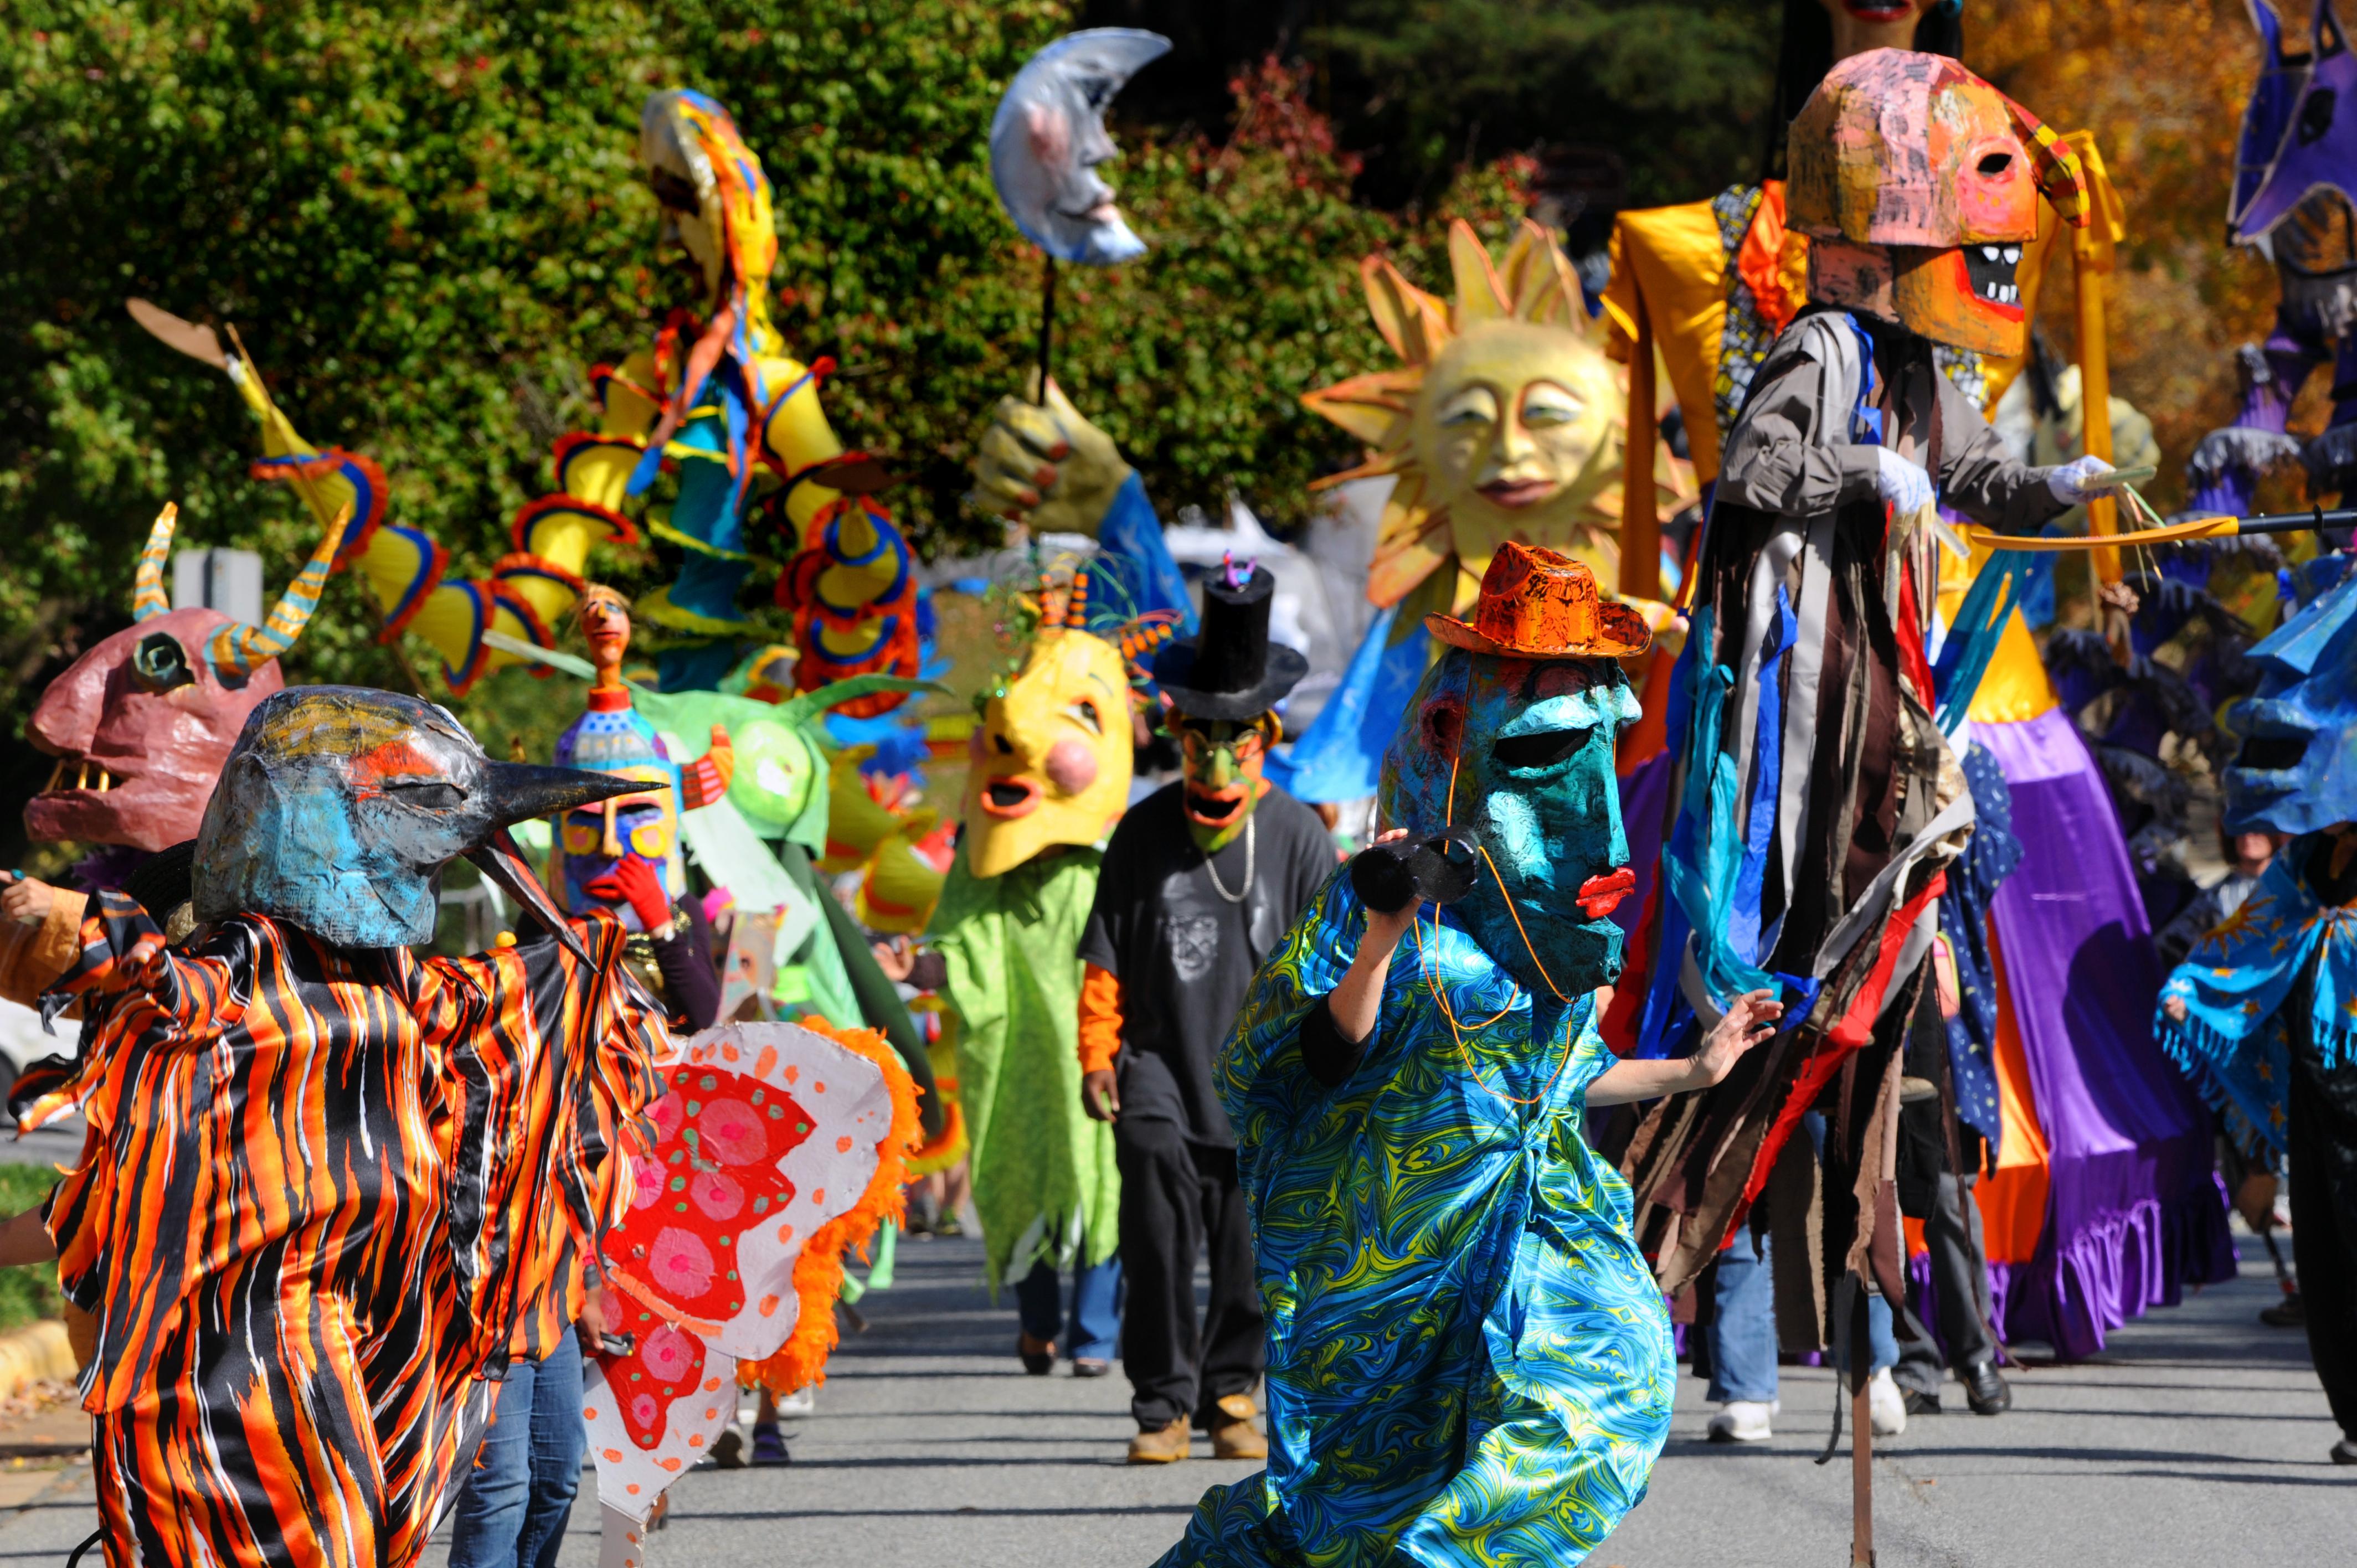 Hillsborough Handmade Parade